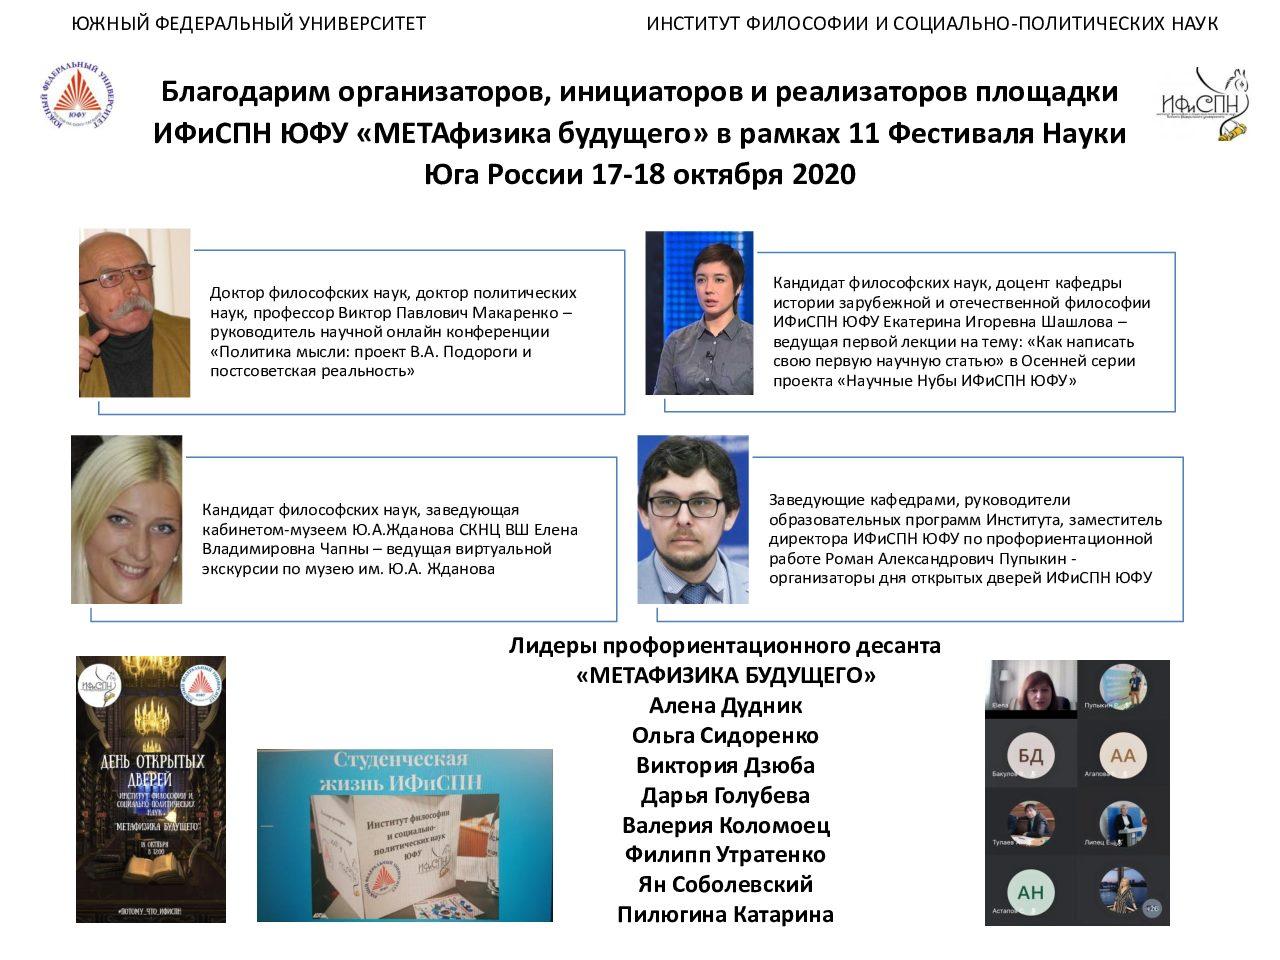 """Итоги 11 Фестиваля Науки """"МЕТАфизика будущего"""""""